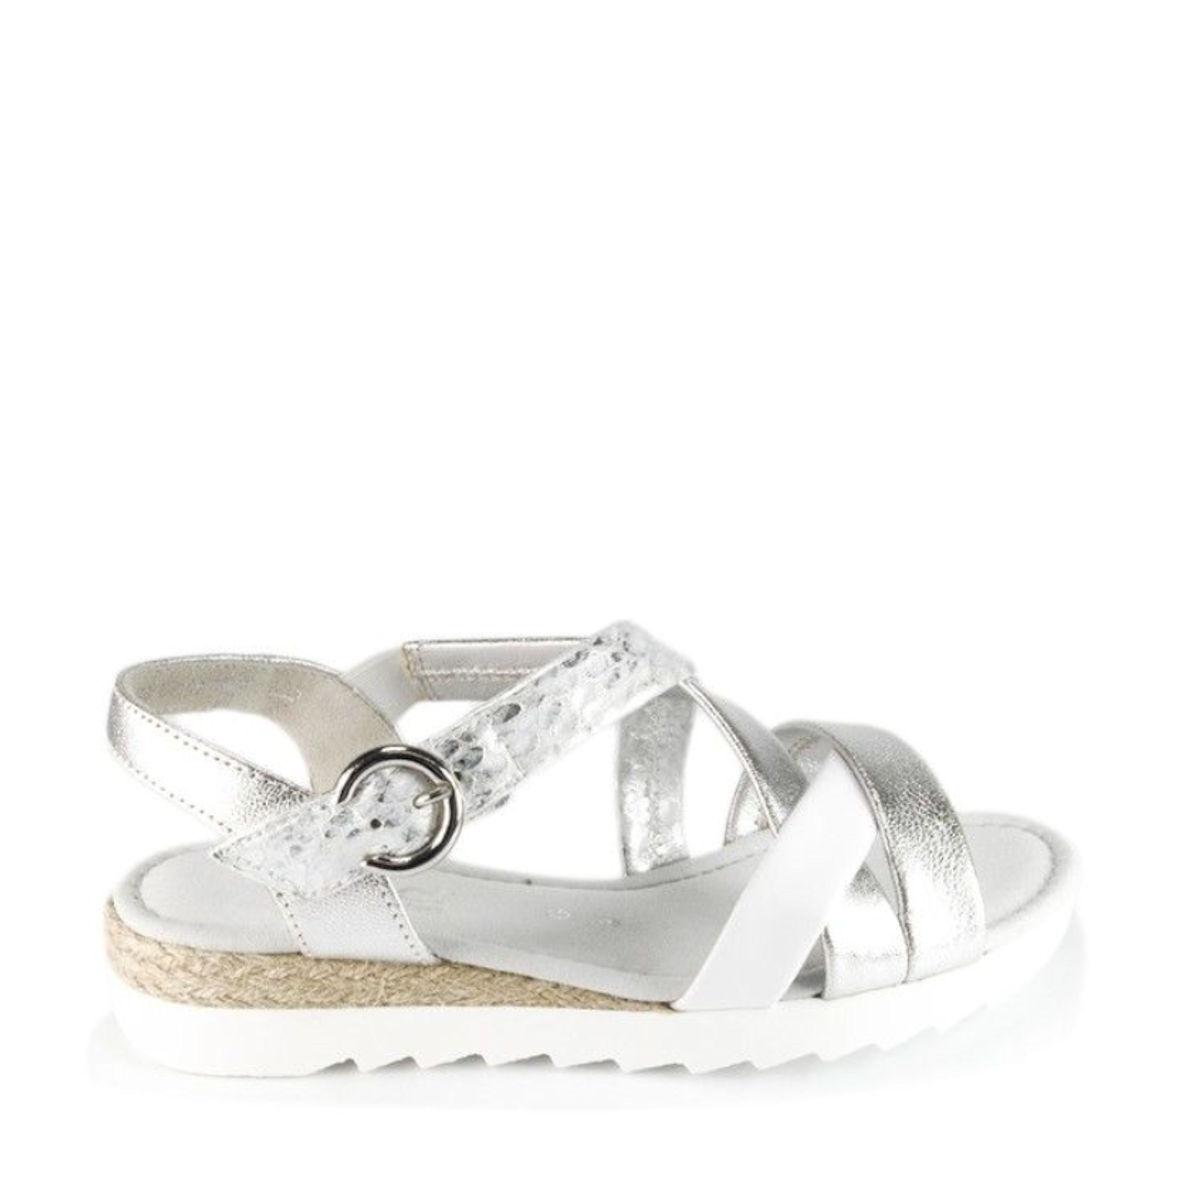 Gabor Elixir womems silver metallic flat sandals 42.741.90